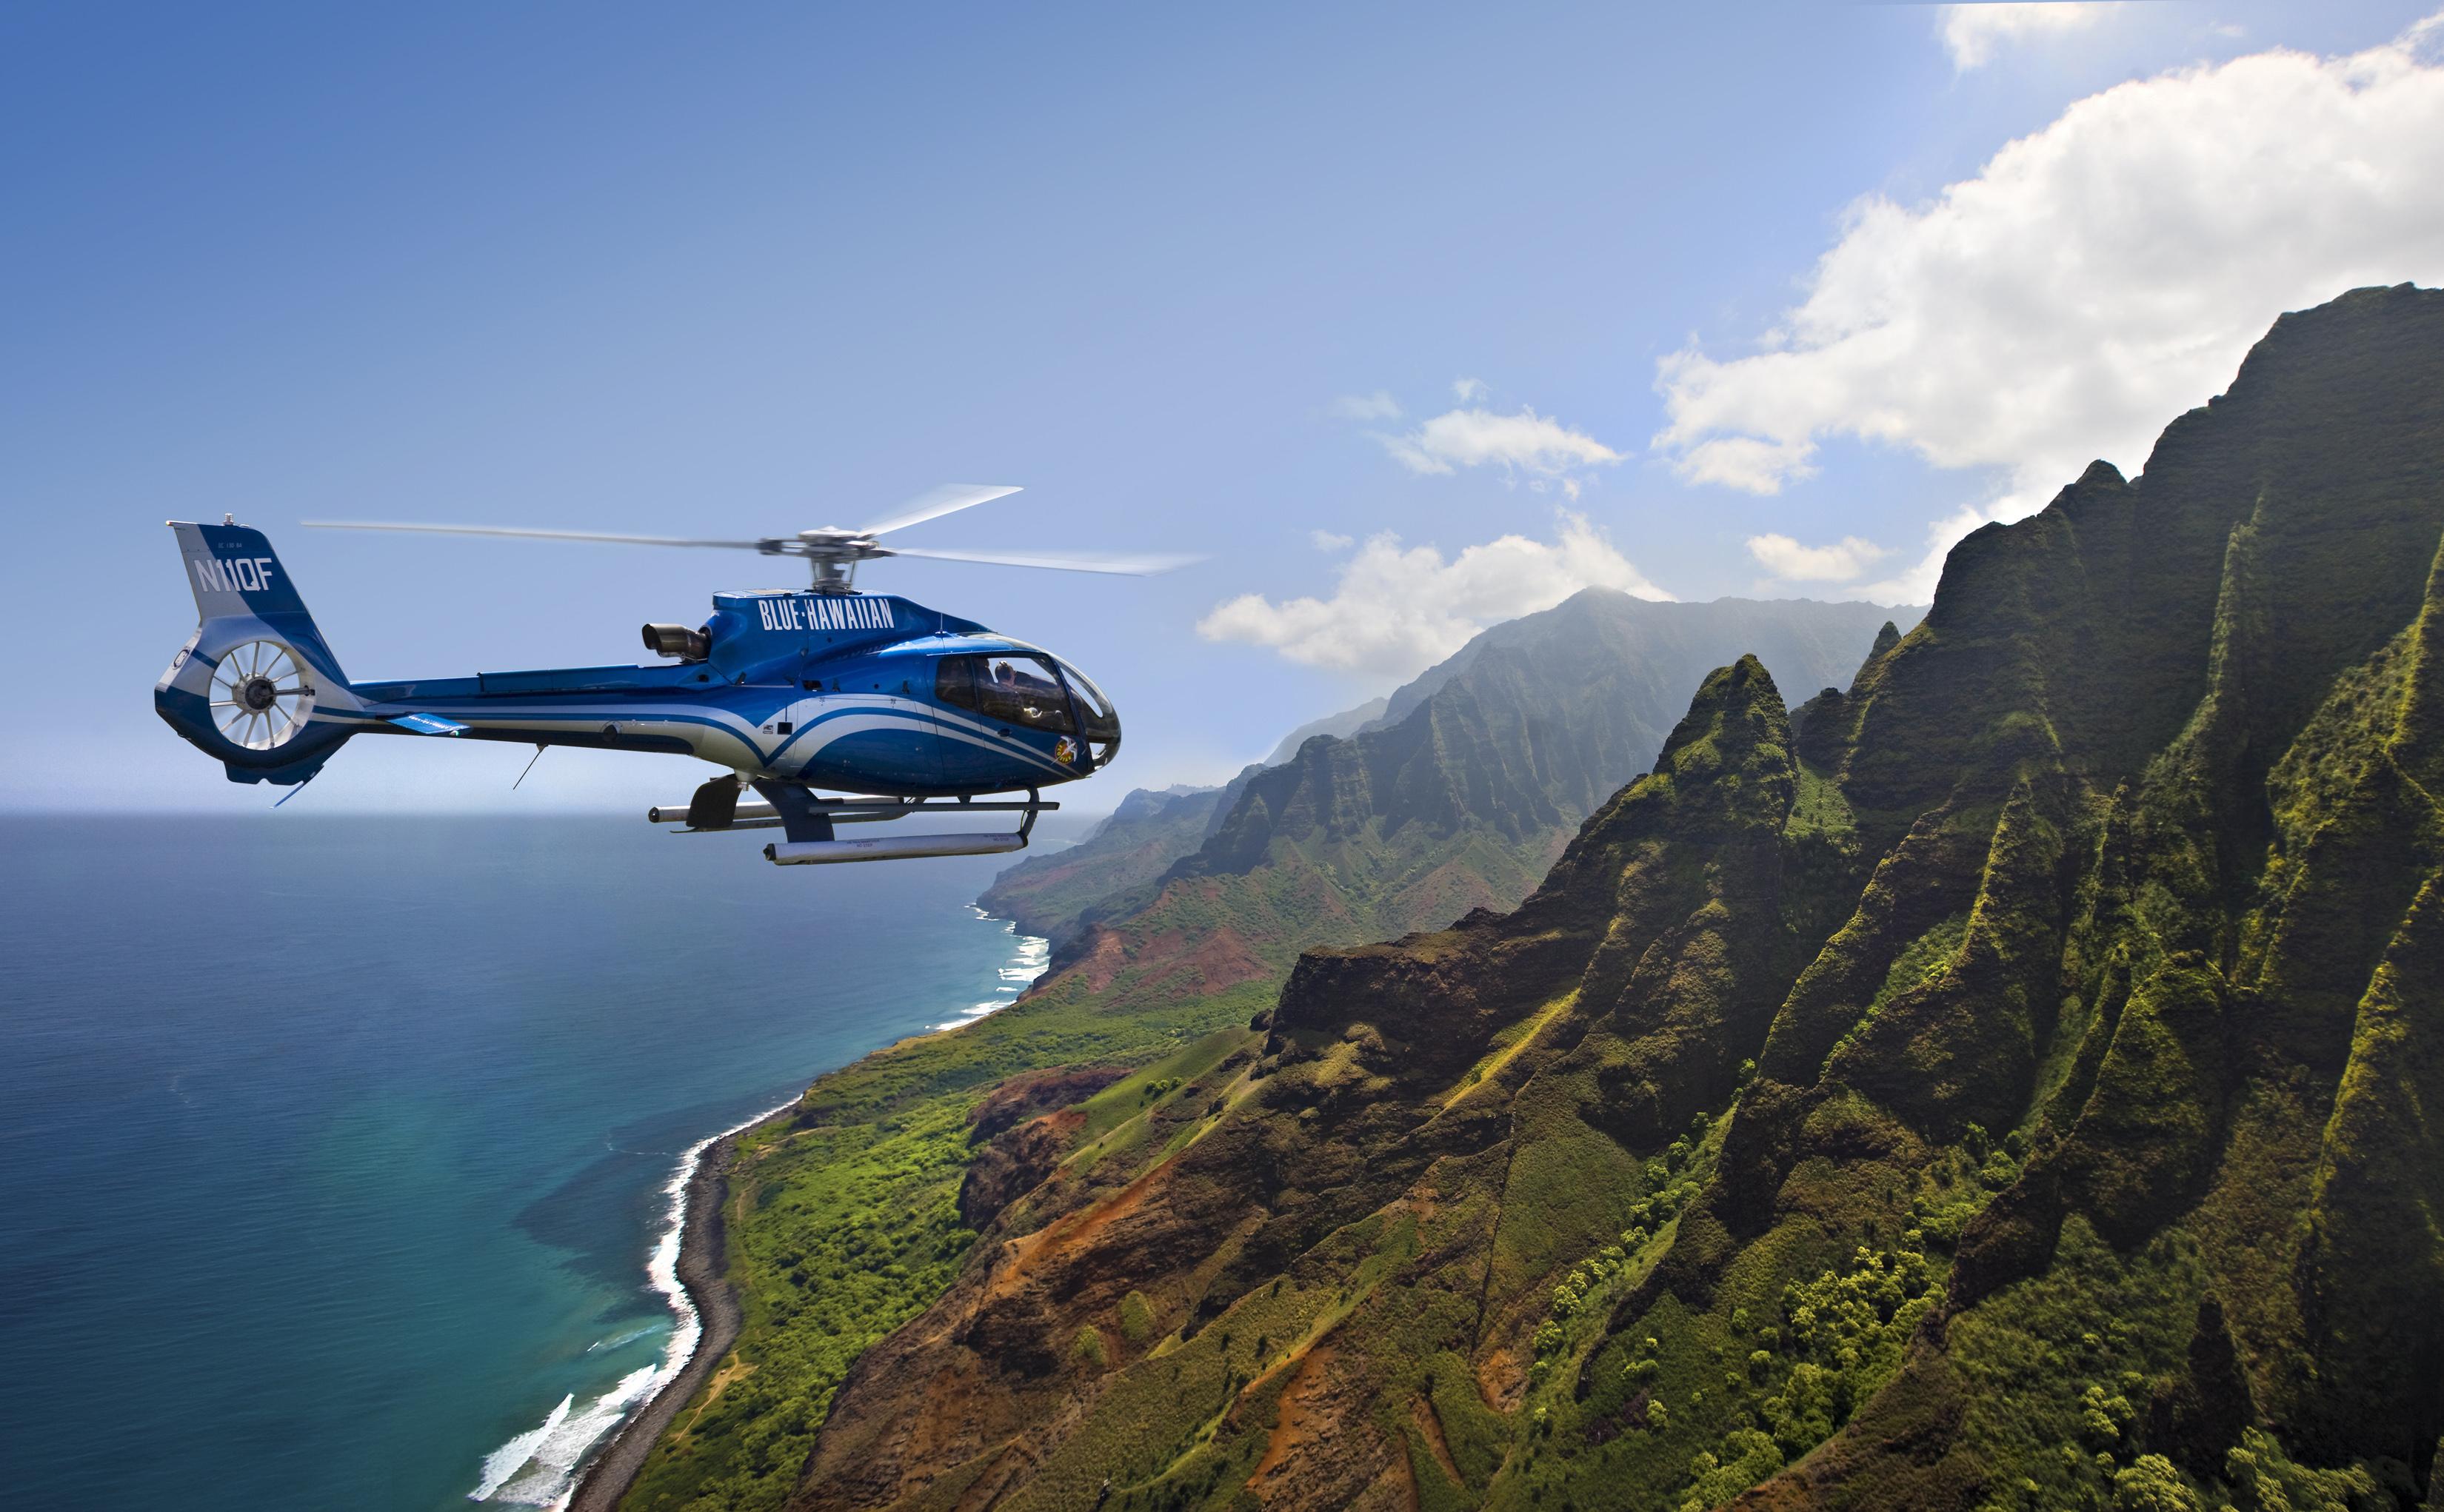 Blue_Hawaiian_EC130-lg